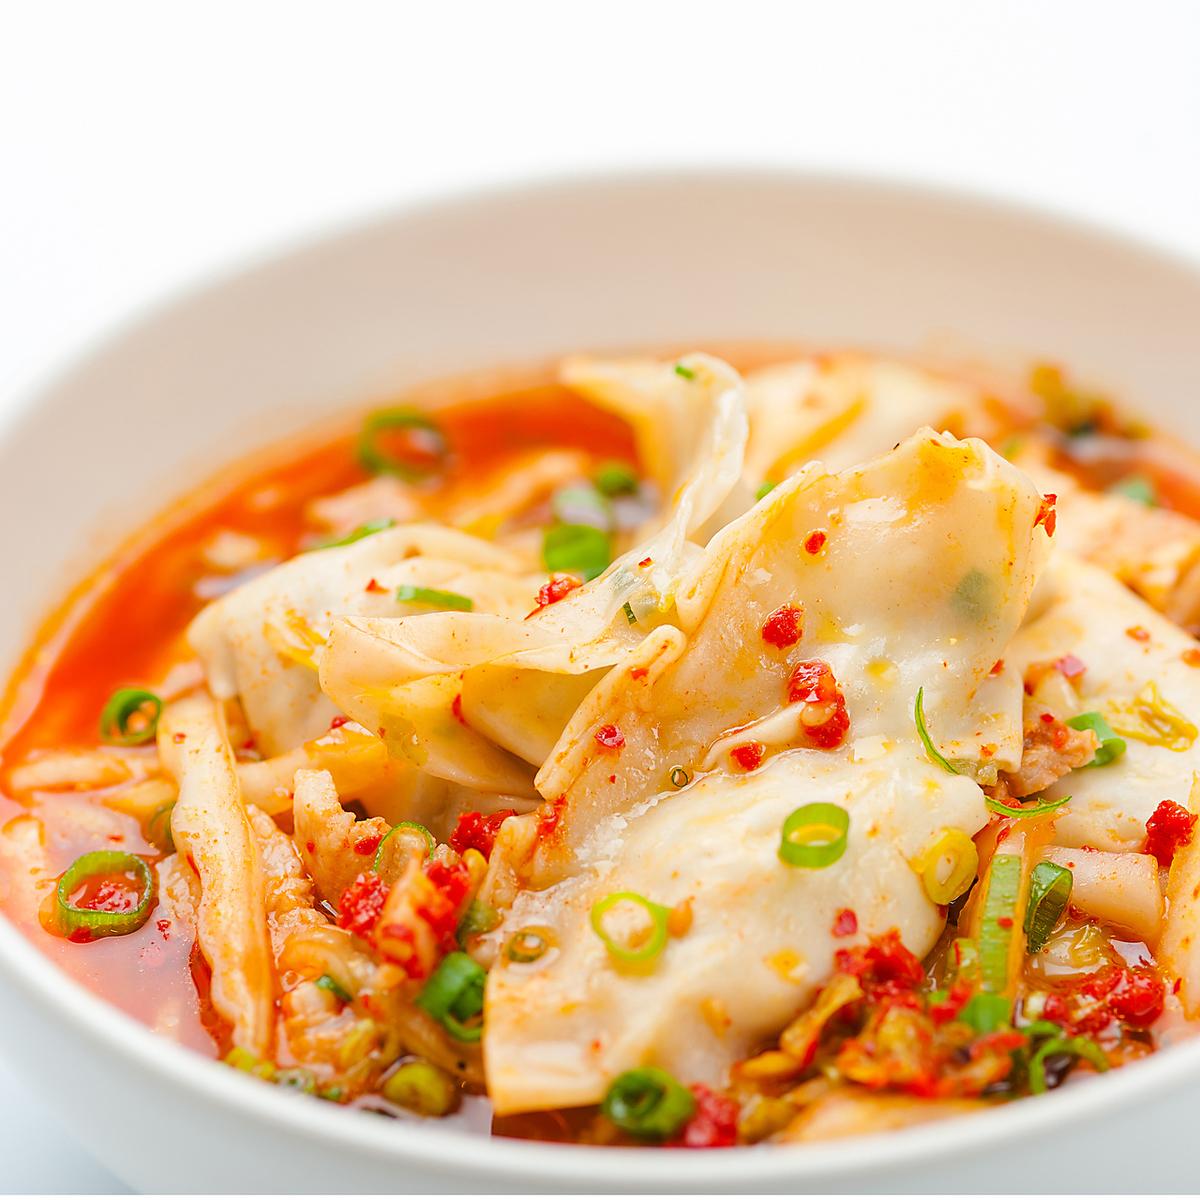 Spicy soup dumplings